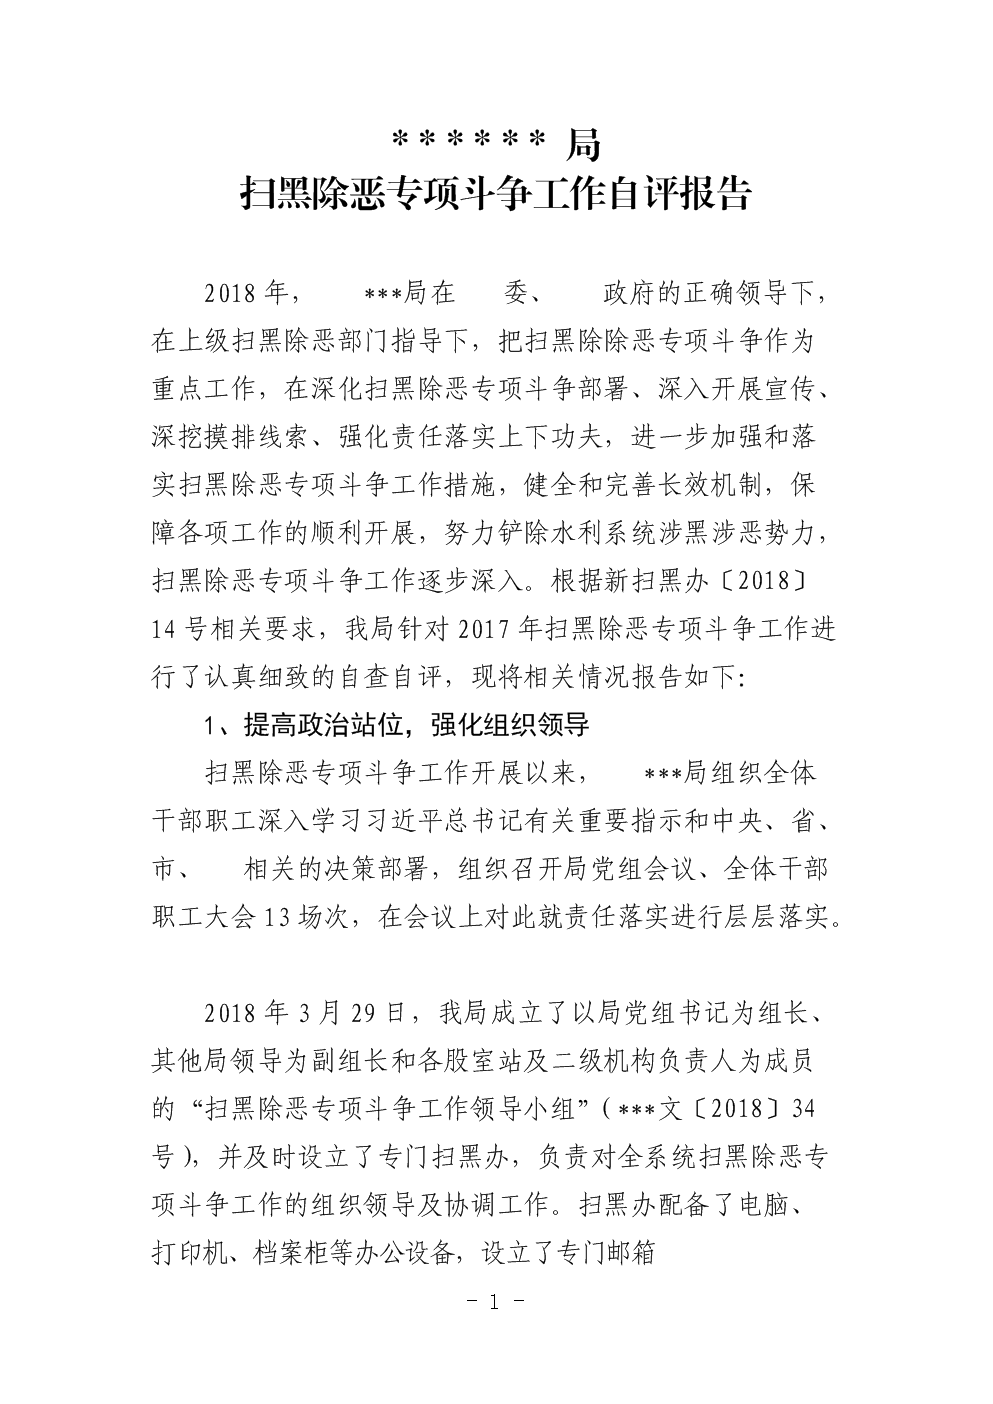 扫黑除恶专项斗争工作自评报告.doc